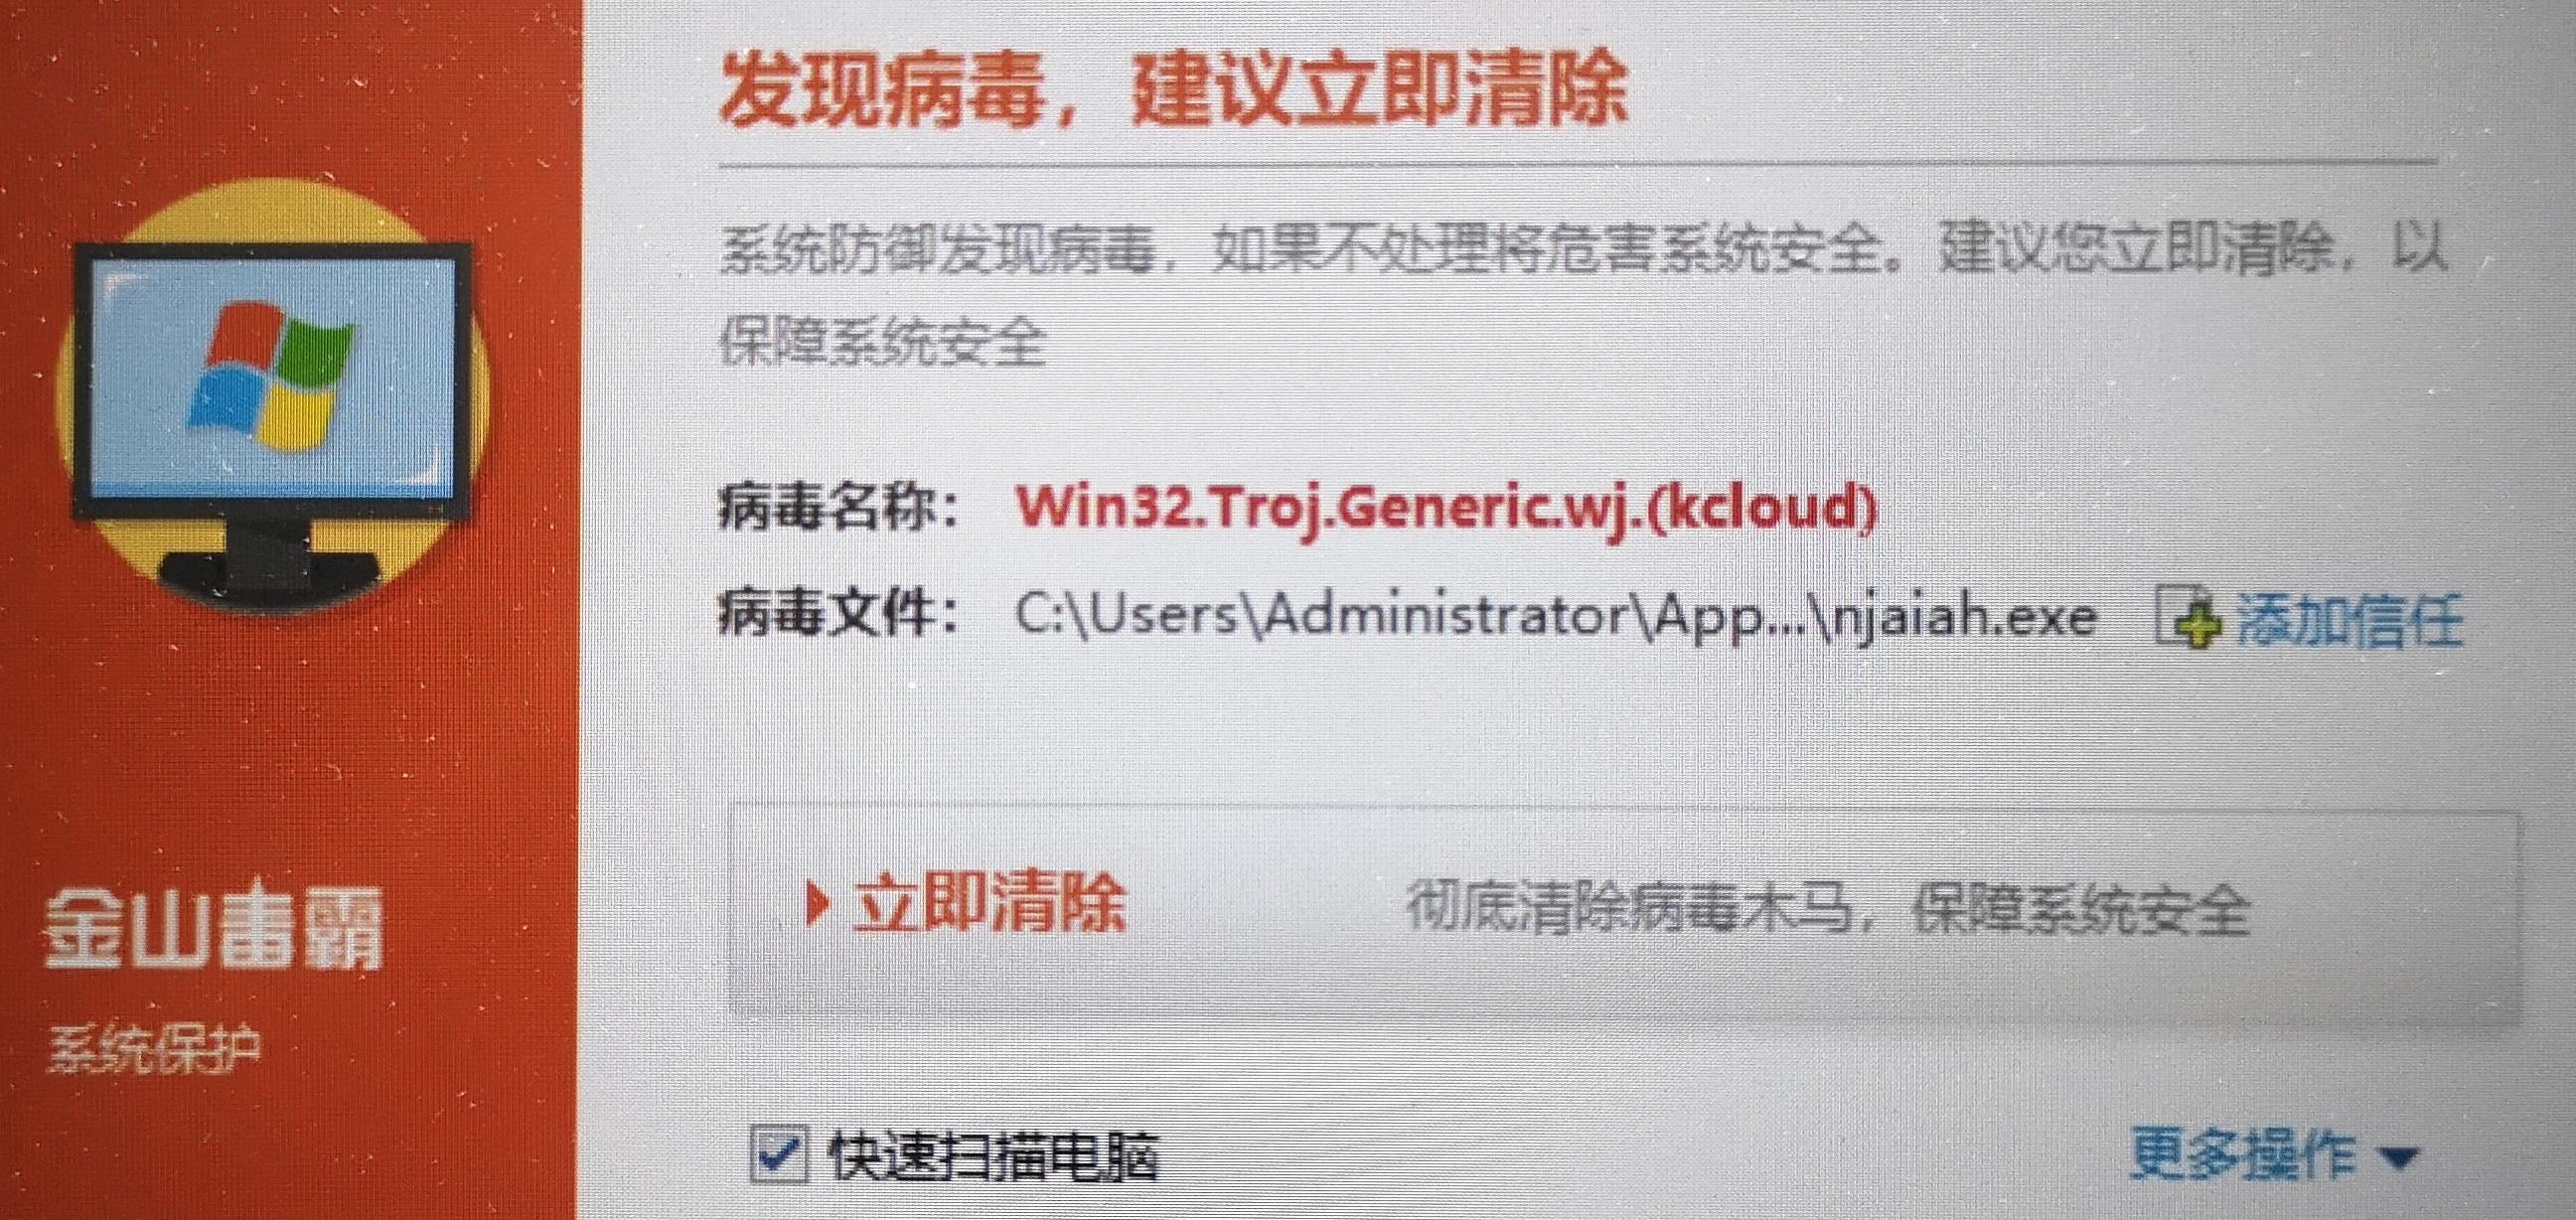 木马病毒截图-2_看图王.jpg